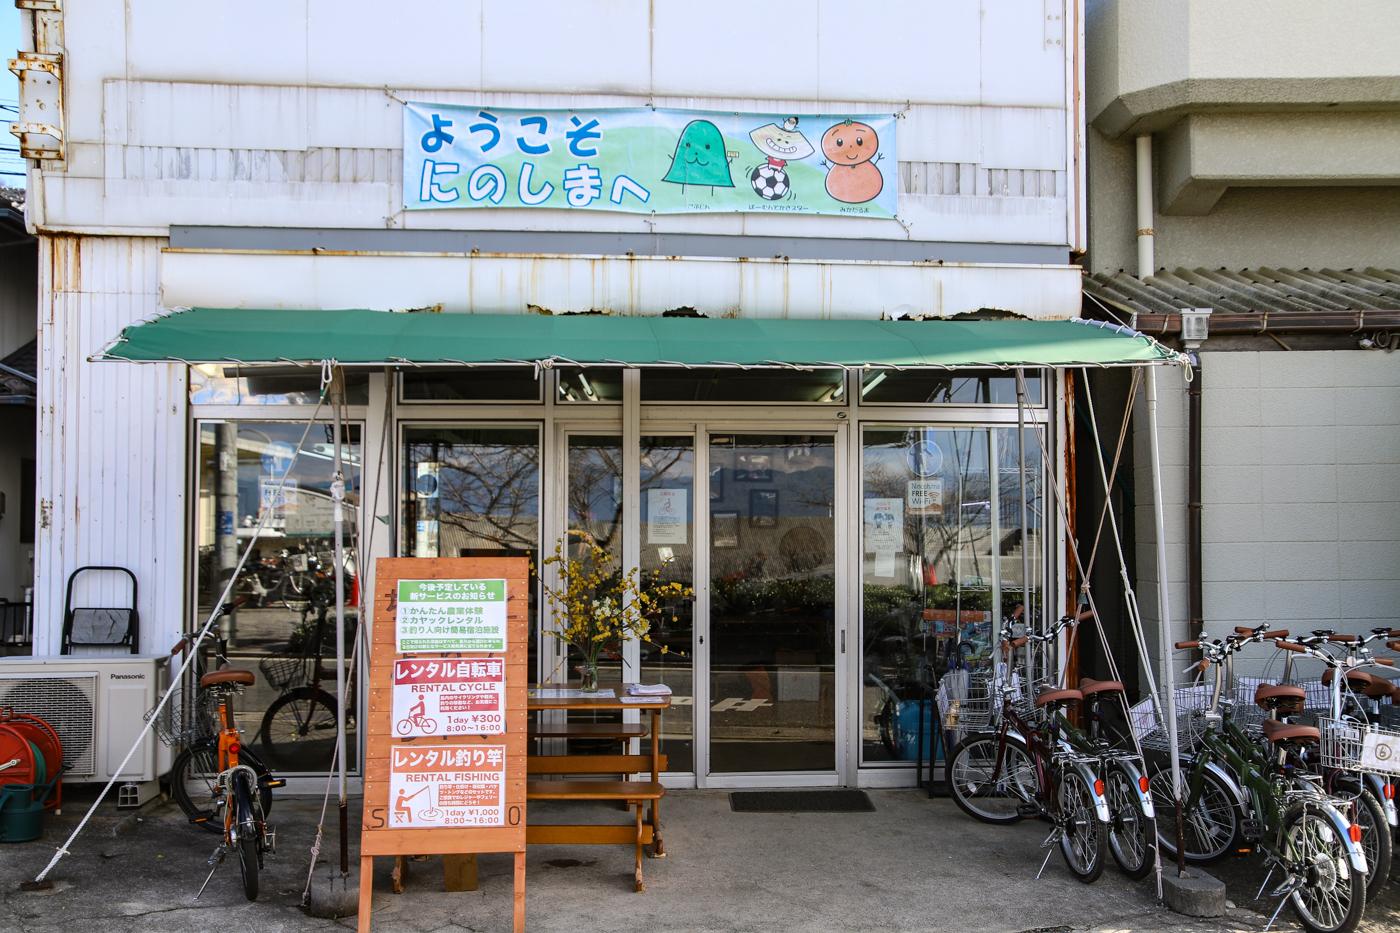 ninoshima-28.jpg